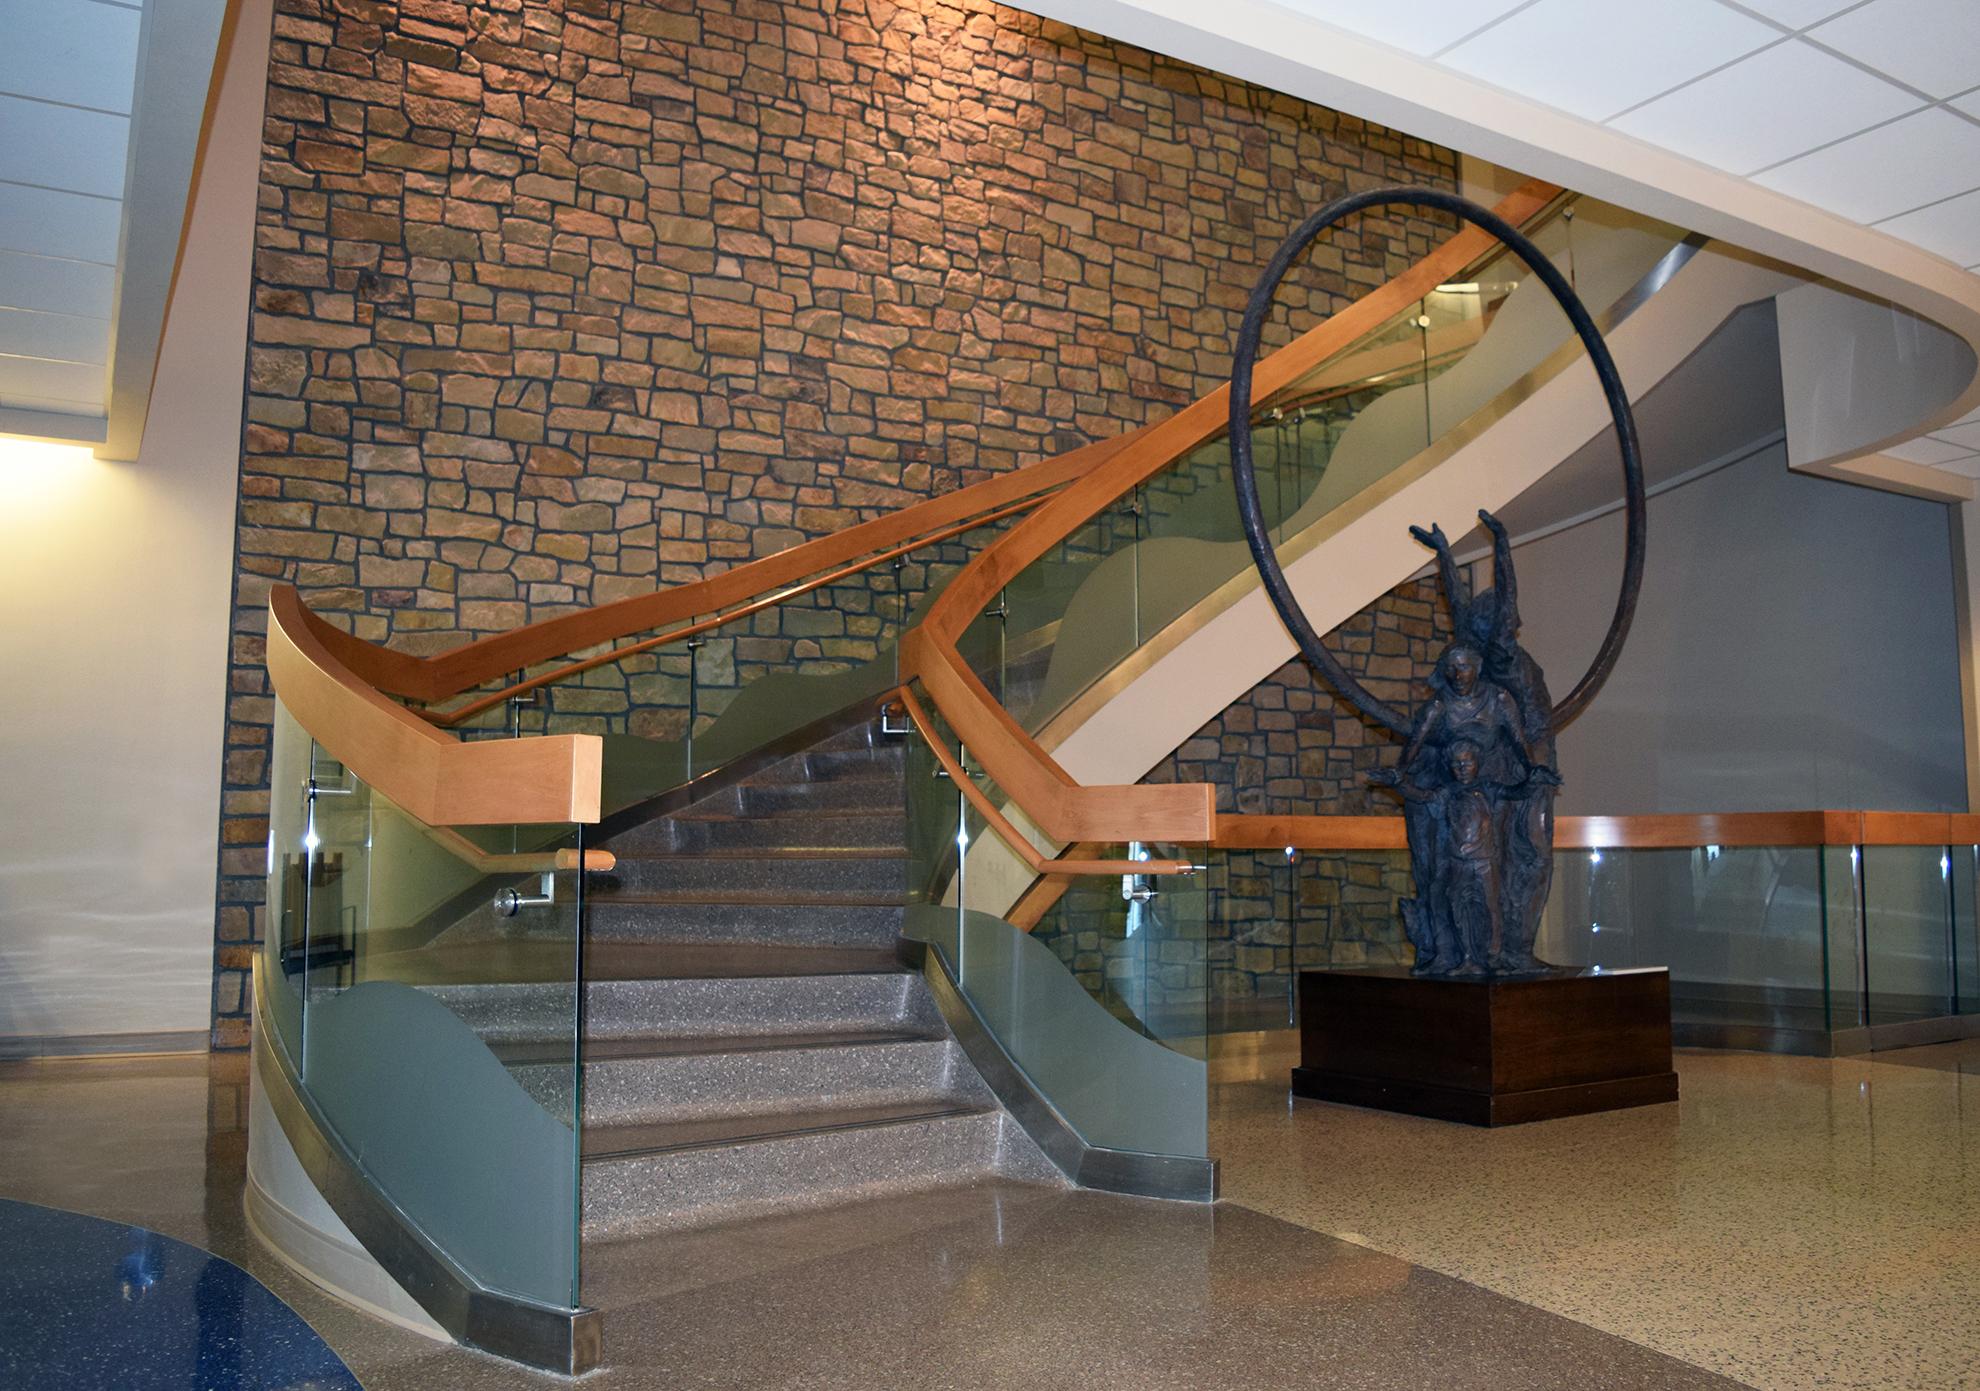 ch_stairfront.jpg